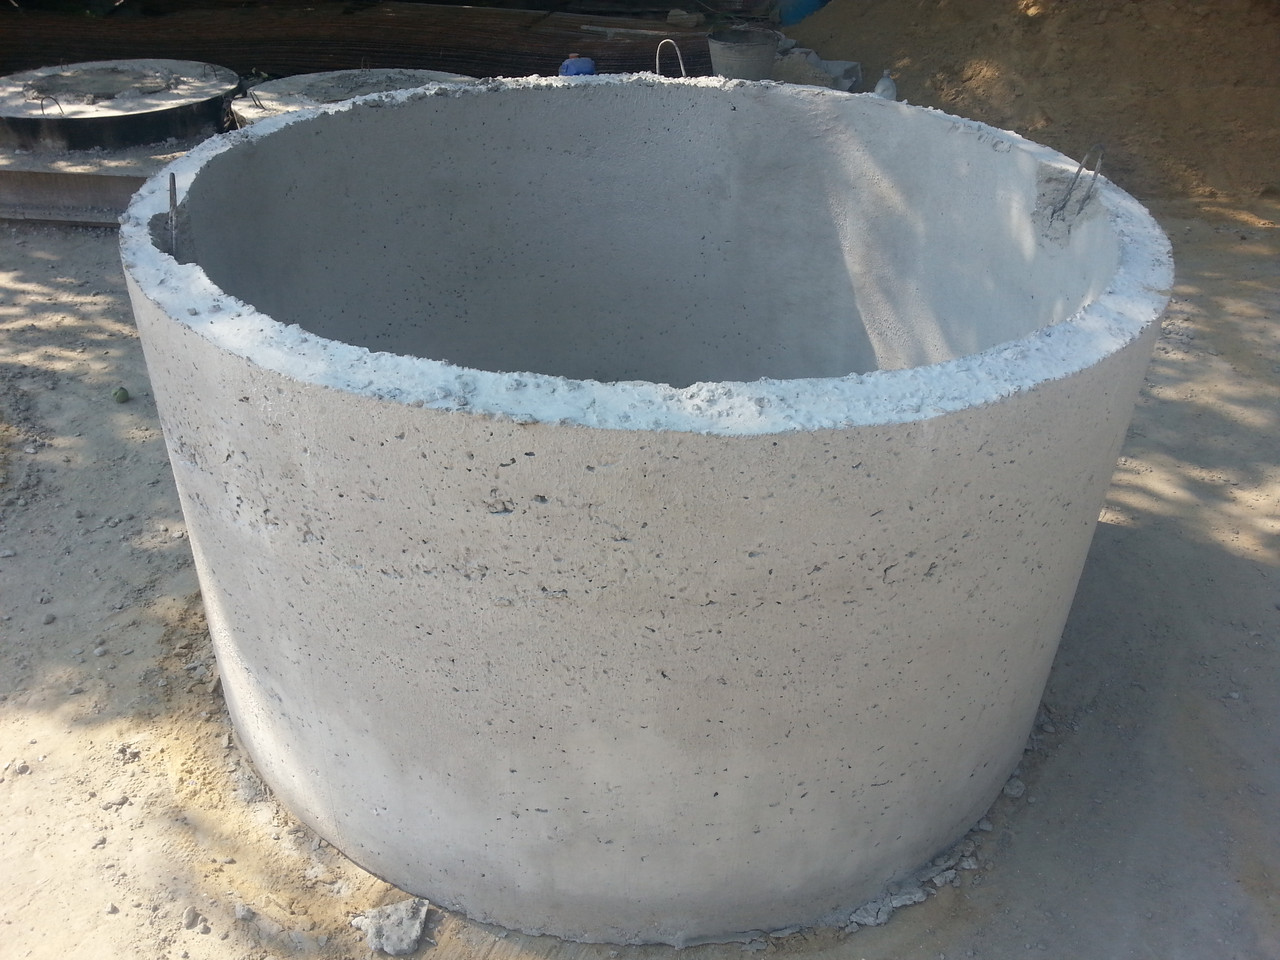 Кольца диаметр 2000 для колодцев и канализации; железобетонные кольца в Одессе